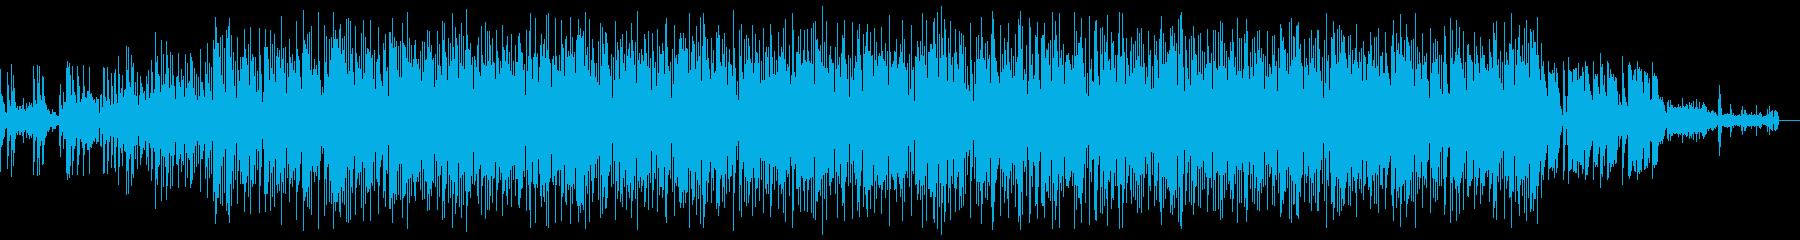 スタイリッシュなエレクトロの再生済みの波形